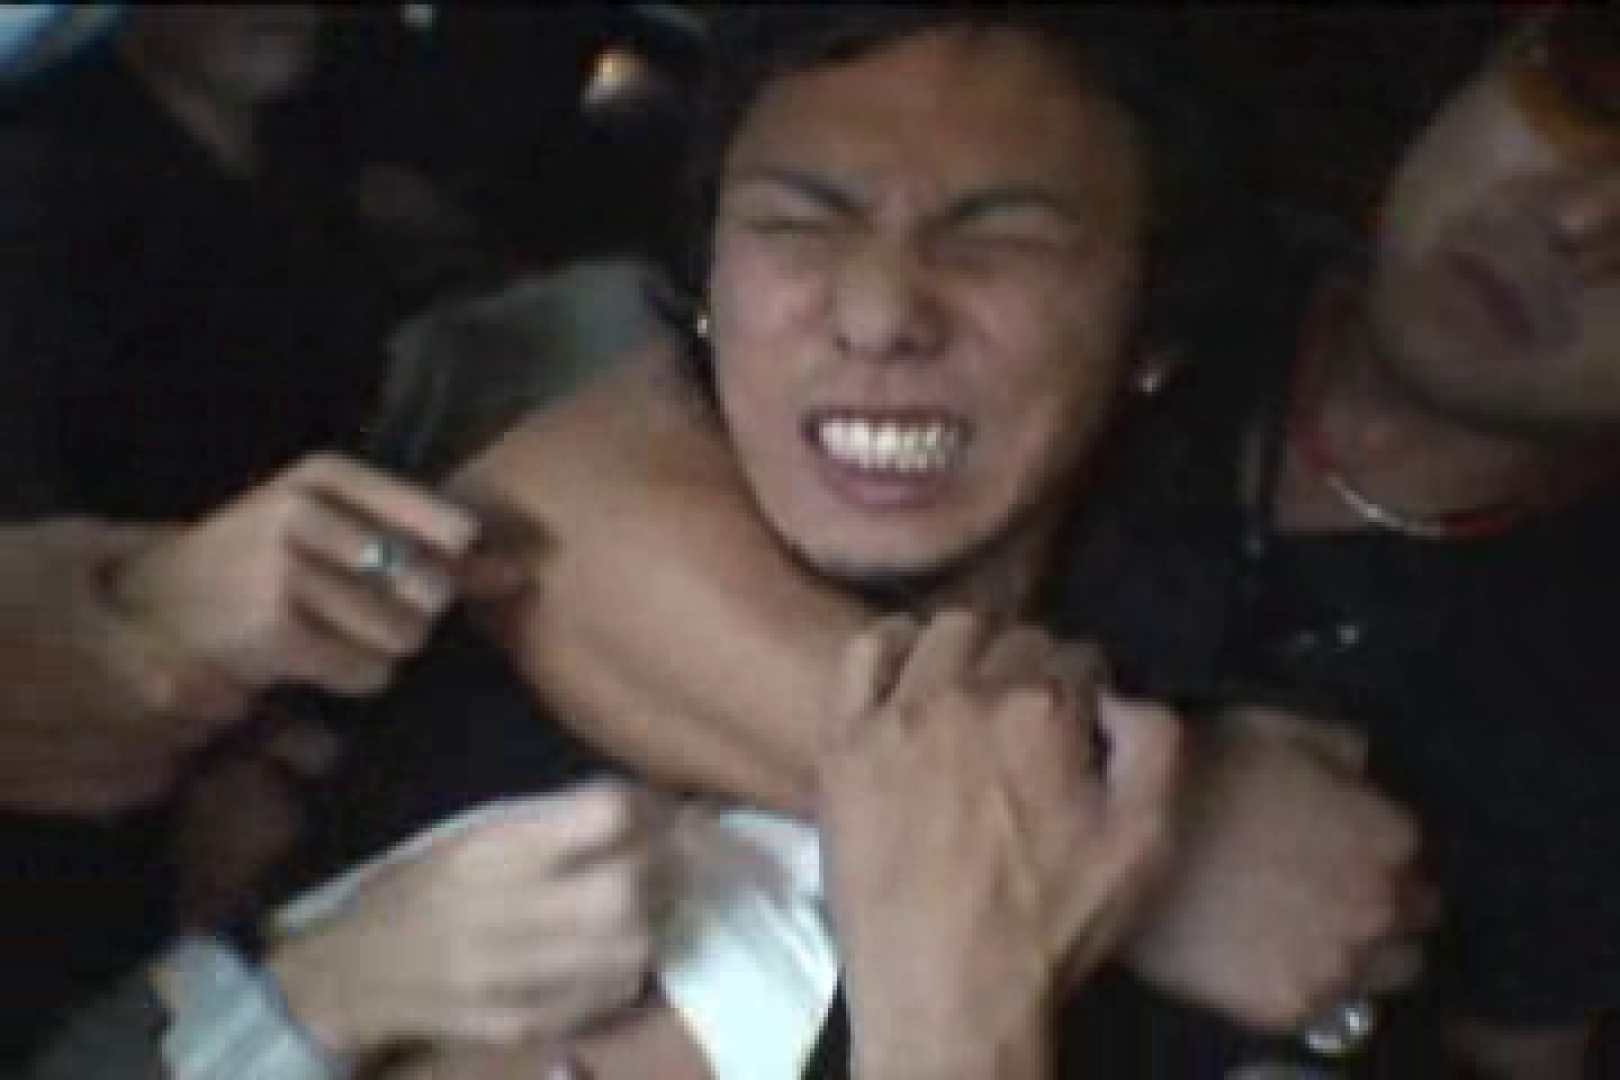 怒涛の集団攻撃!!vol.07 フェラ天国 ゲイ素人エロ画像 102pic 65